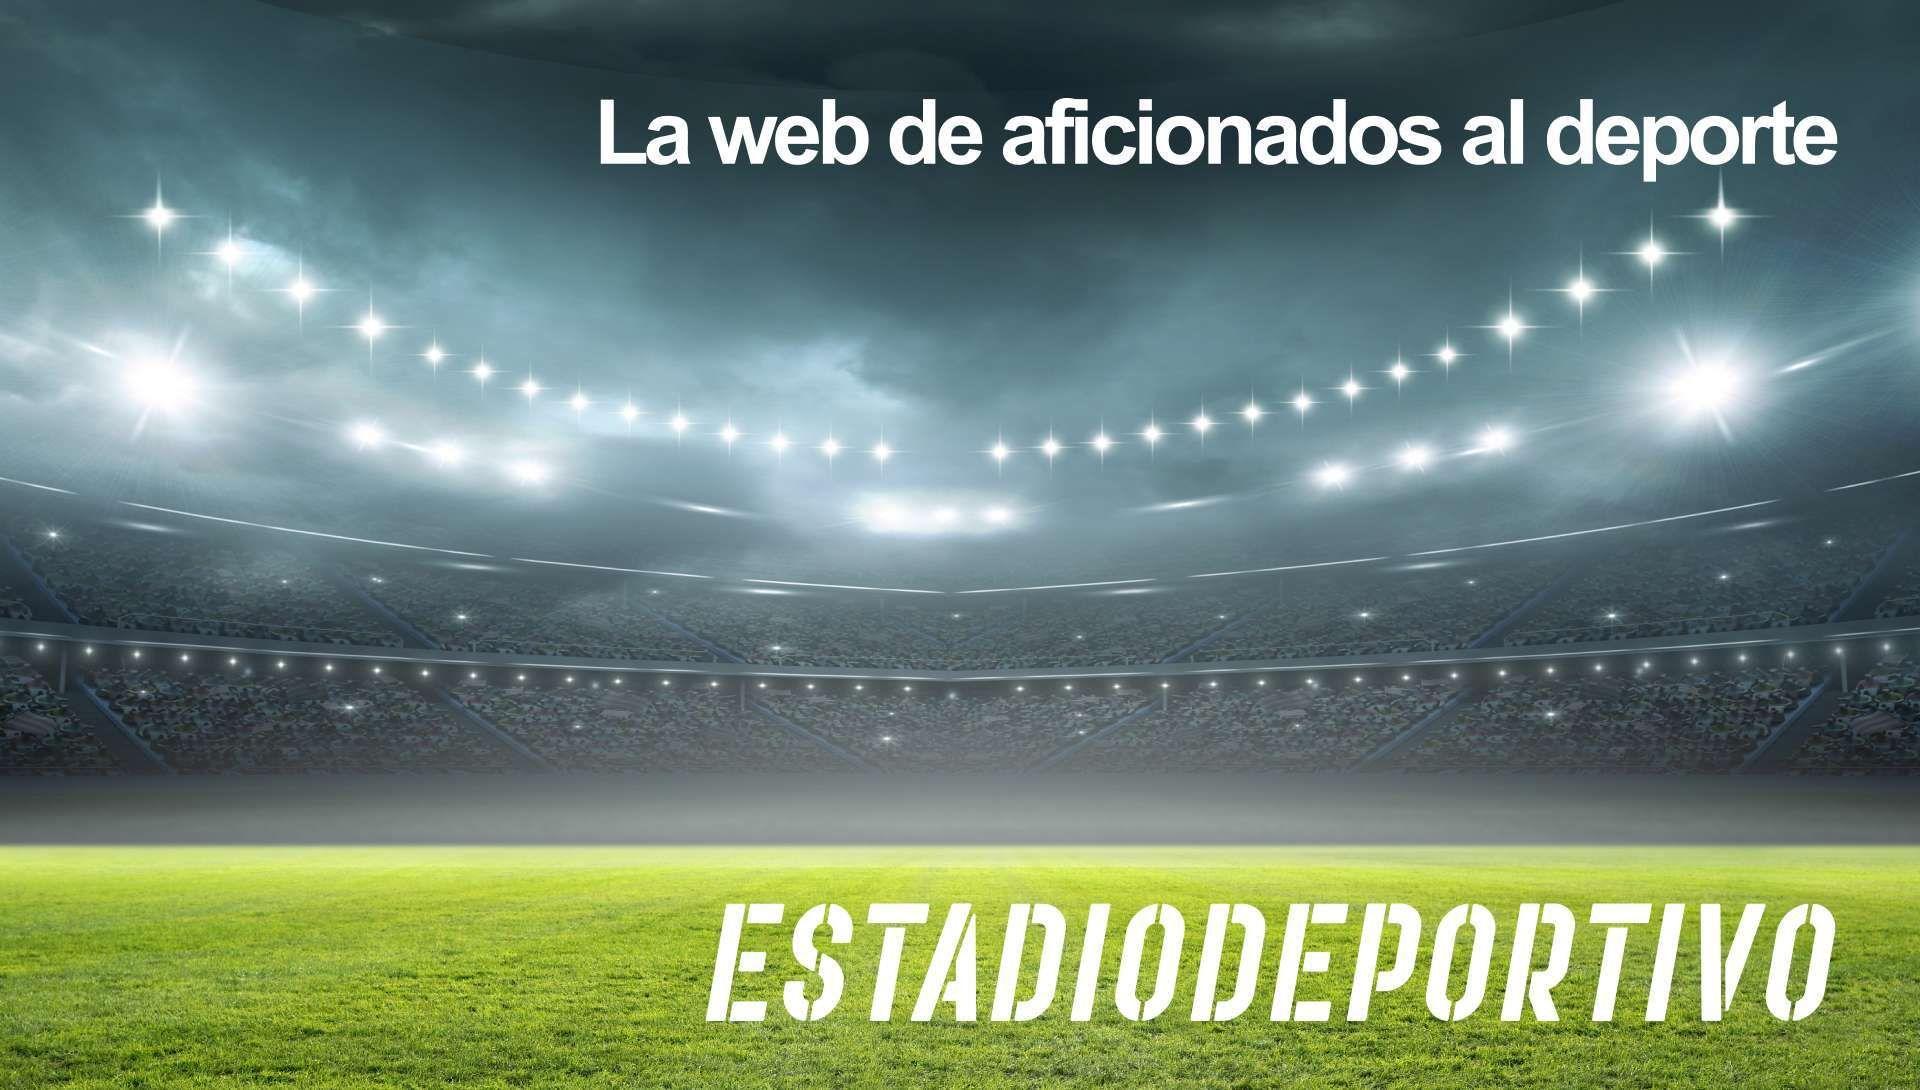 Los máximos goleadores de la historia de la Europa League